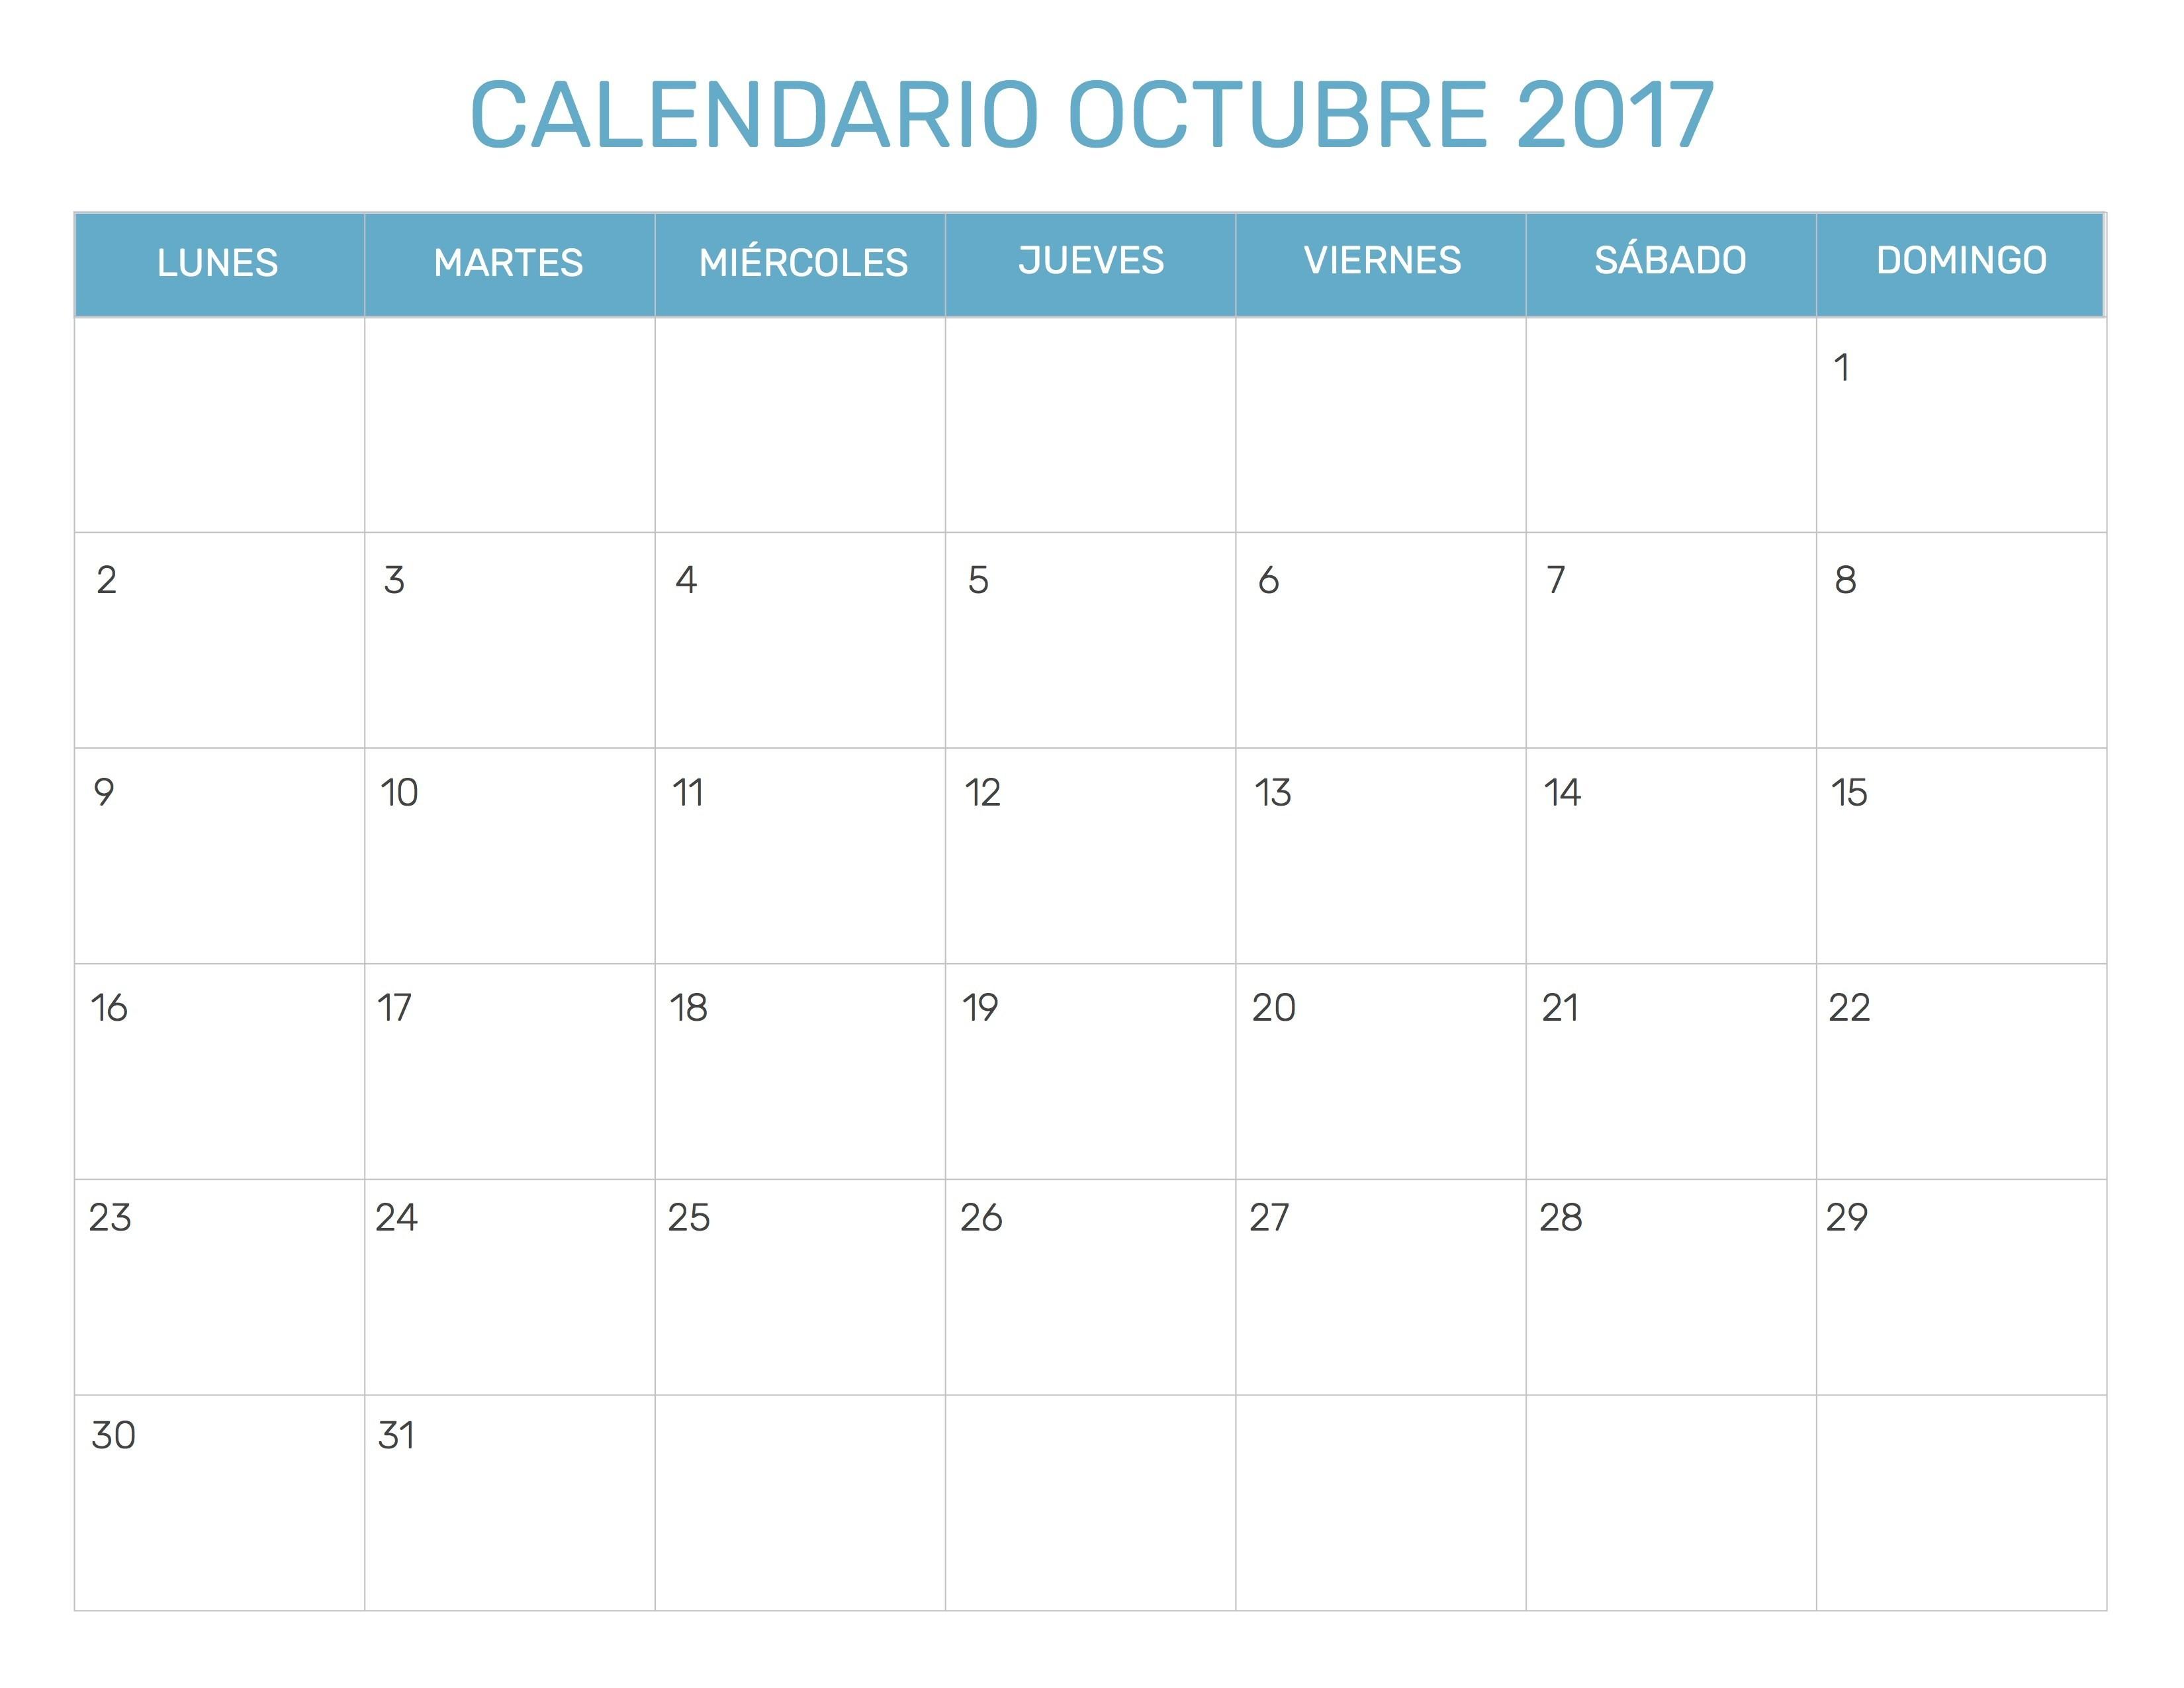 Calendario 2019 Para Imprimir Pdf Recientes Best Calendario Del Mes De Octubre Image Collection Of Calendario 2019 Para Imprimir Pdf Más Actual Noticias Imprimir Calendario 2019 Argentina Con Feriados